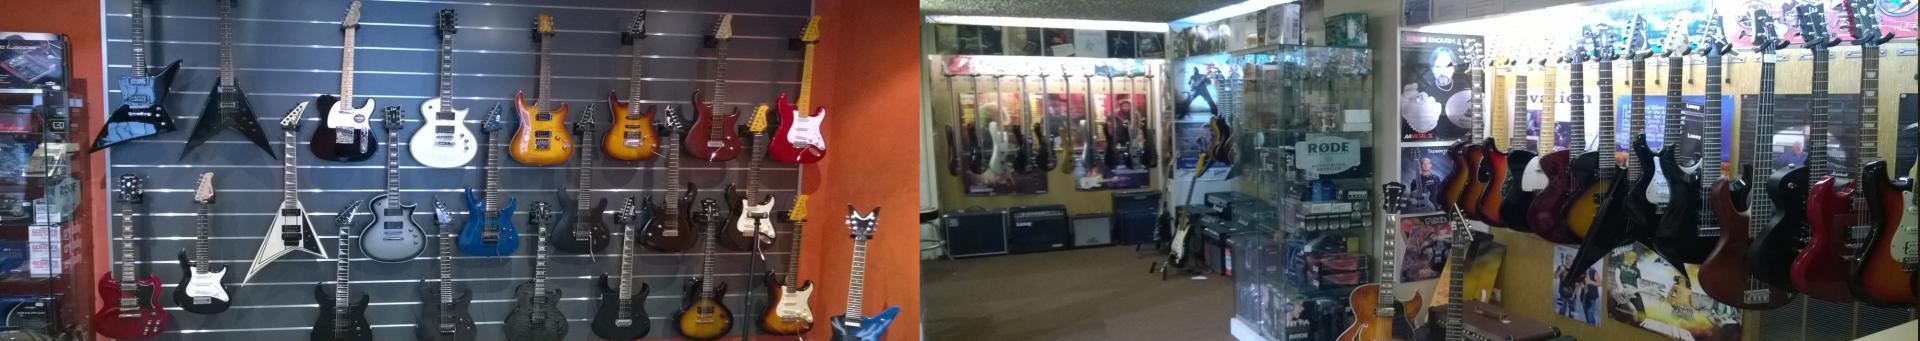 Exemples d'offres sur Guitares Classiques, Electriques, Folks